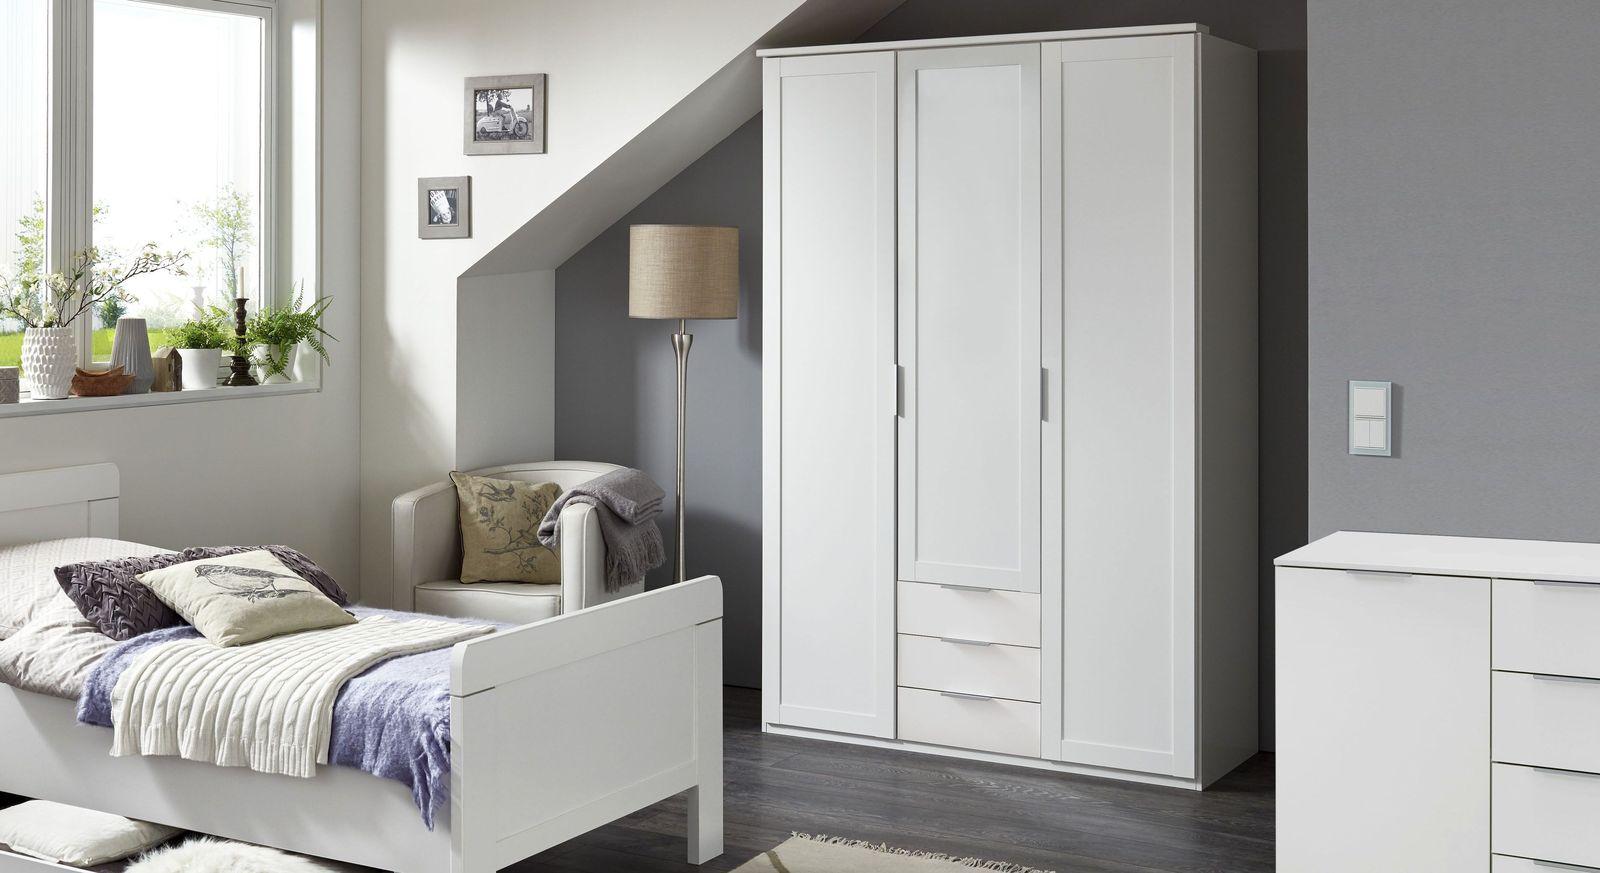 3 t riger kleiderschrank wei mit schubladen und spiegel aradeo. Black Bedroom Furniture Sets. Home Design Ideas